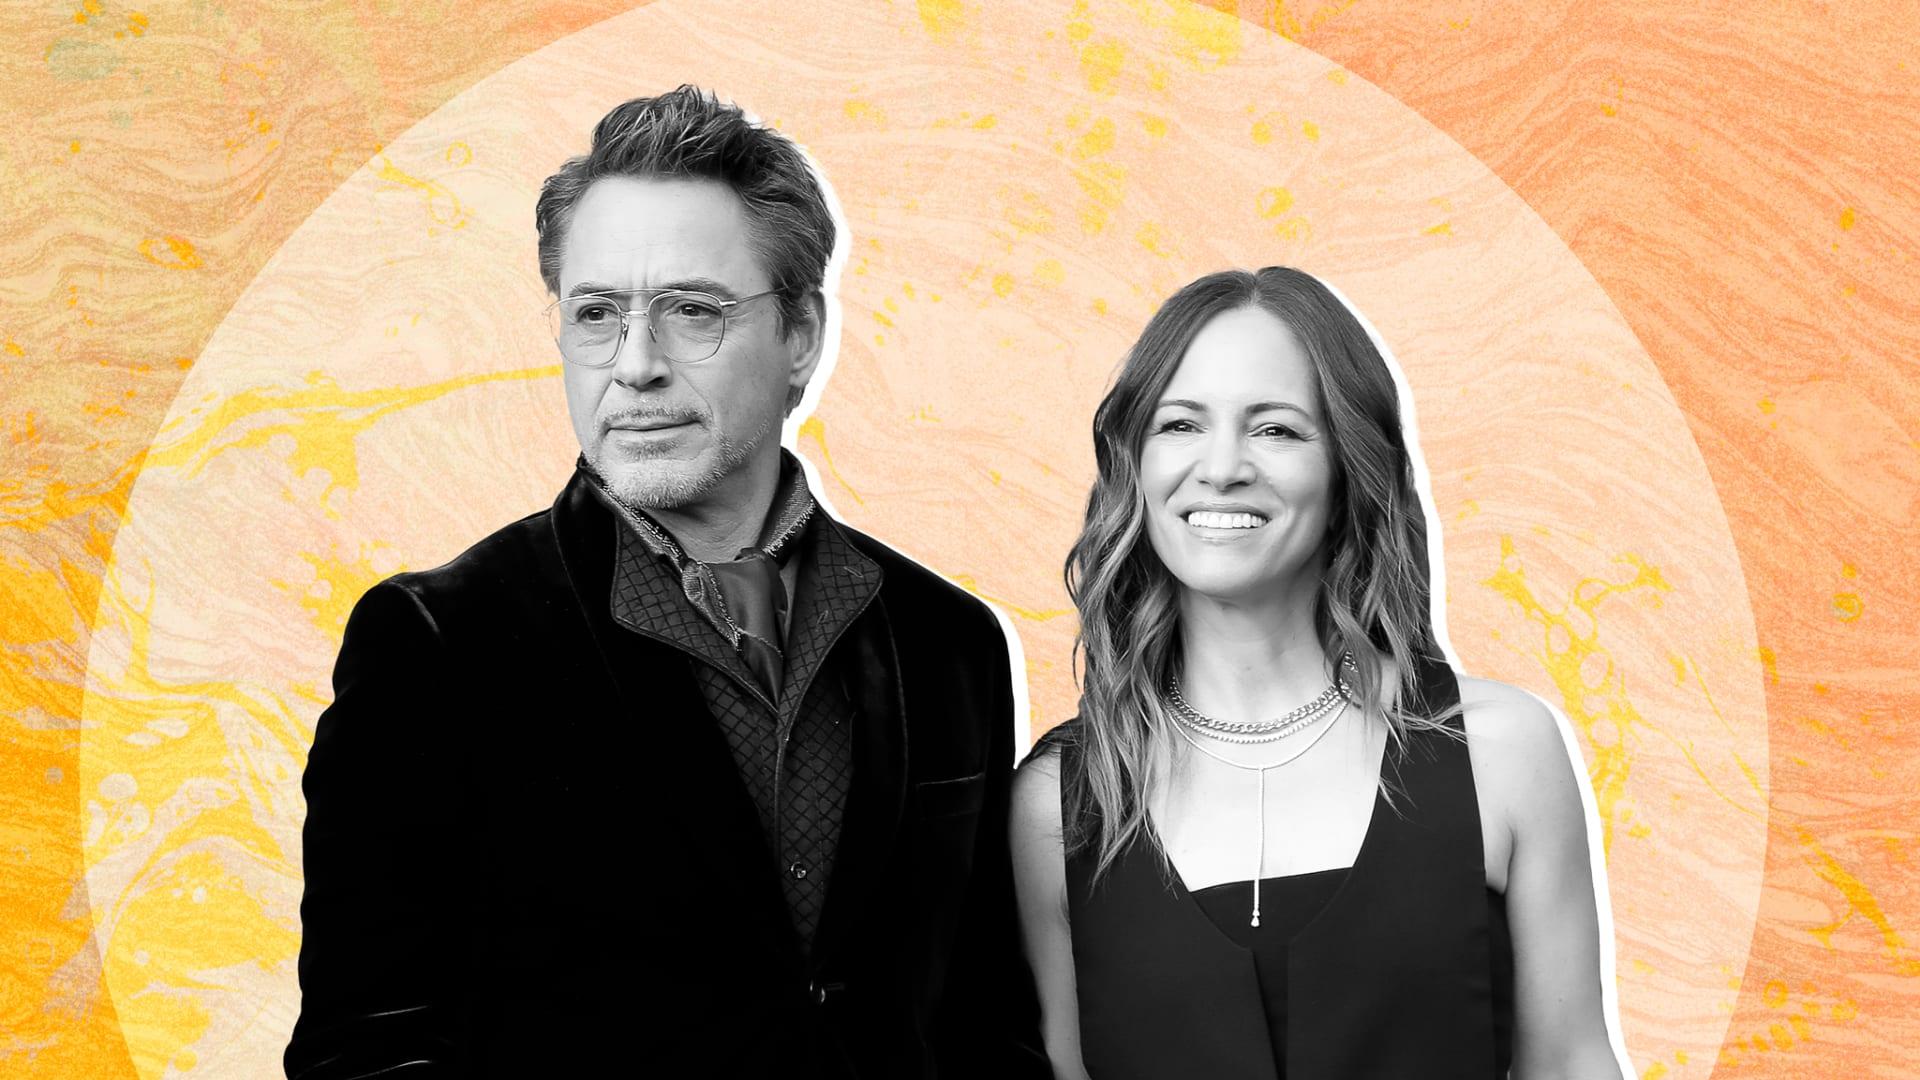 Robert Downey Jr. and Susan Downey.